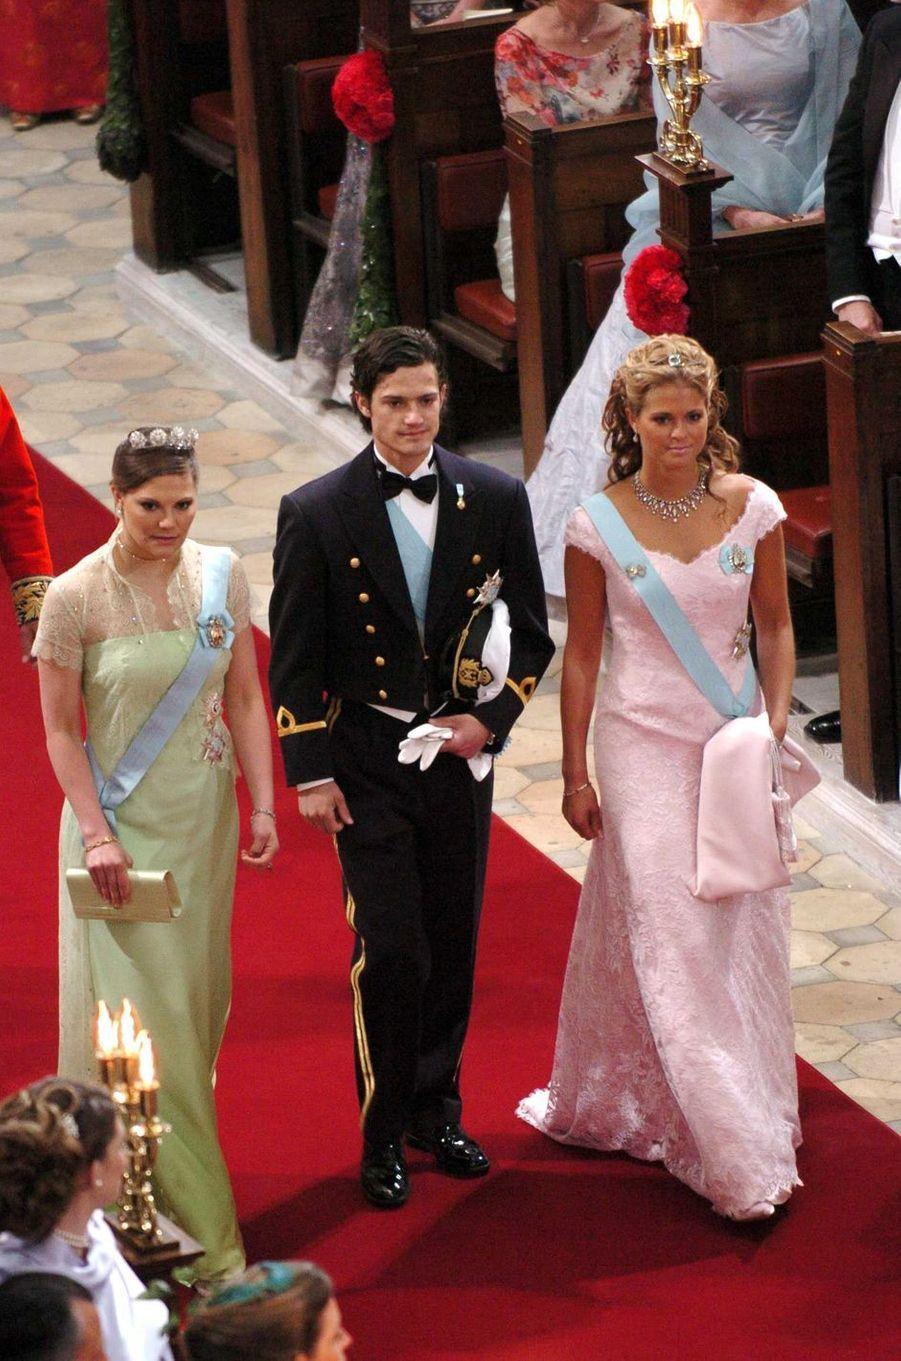 Les princesses Victoria et Madeleine et le prince Carl Philip de Suède à Copenhague, le 14 mai 2004